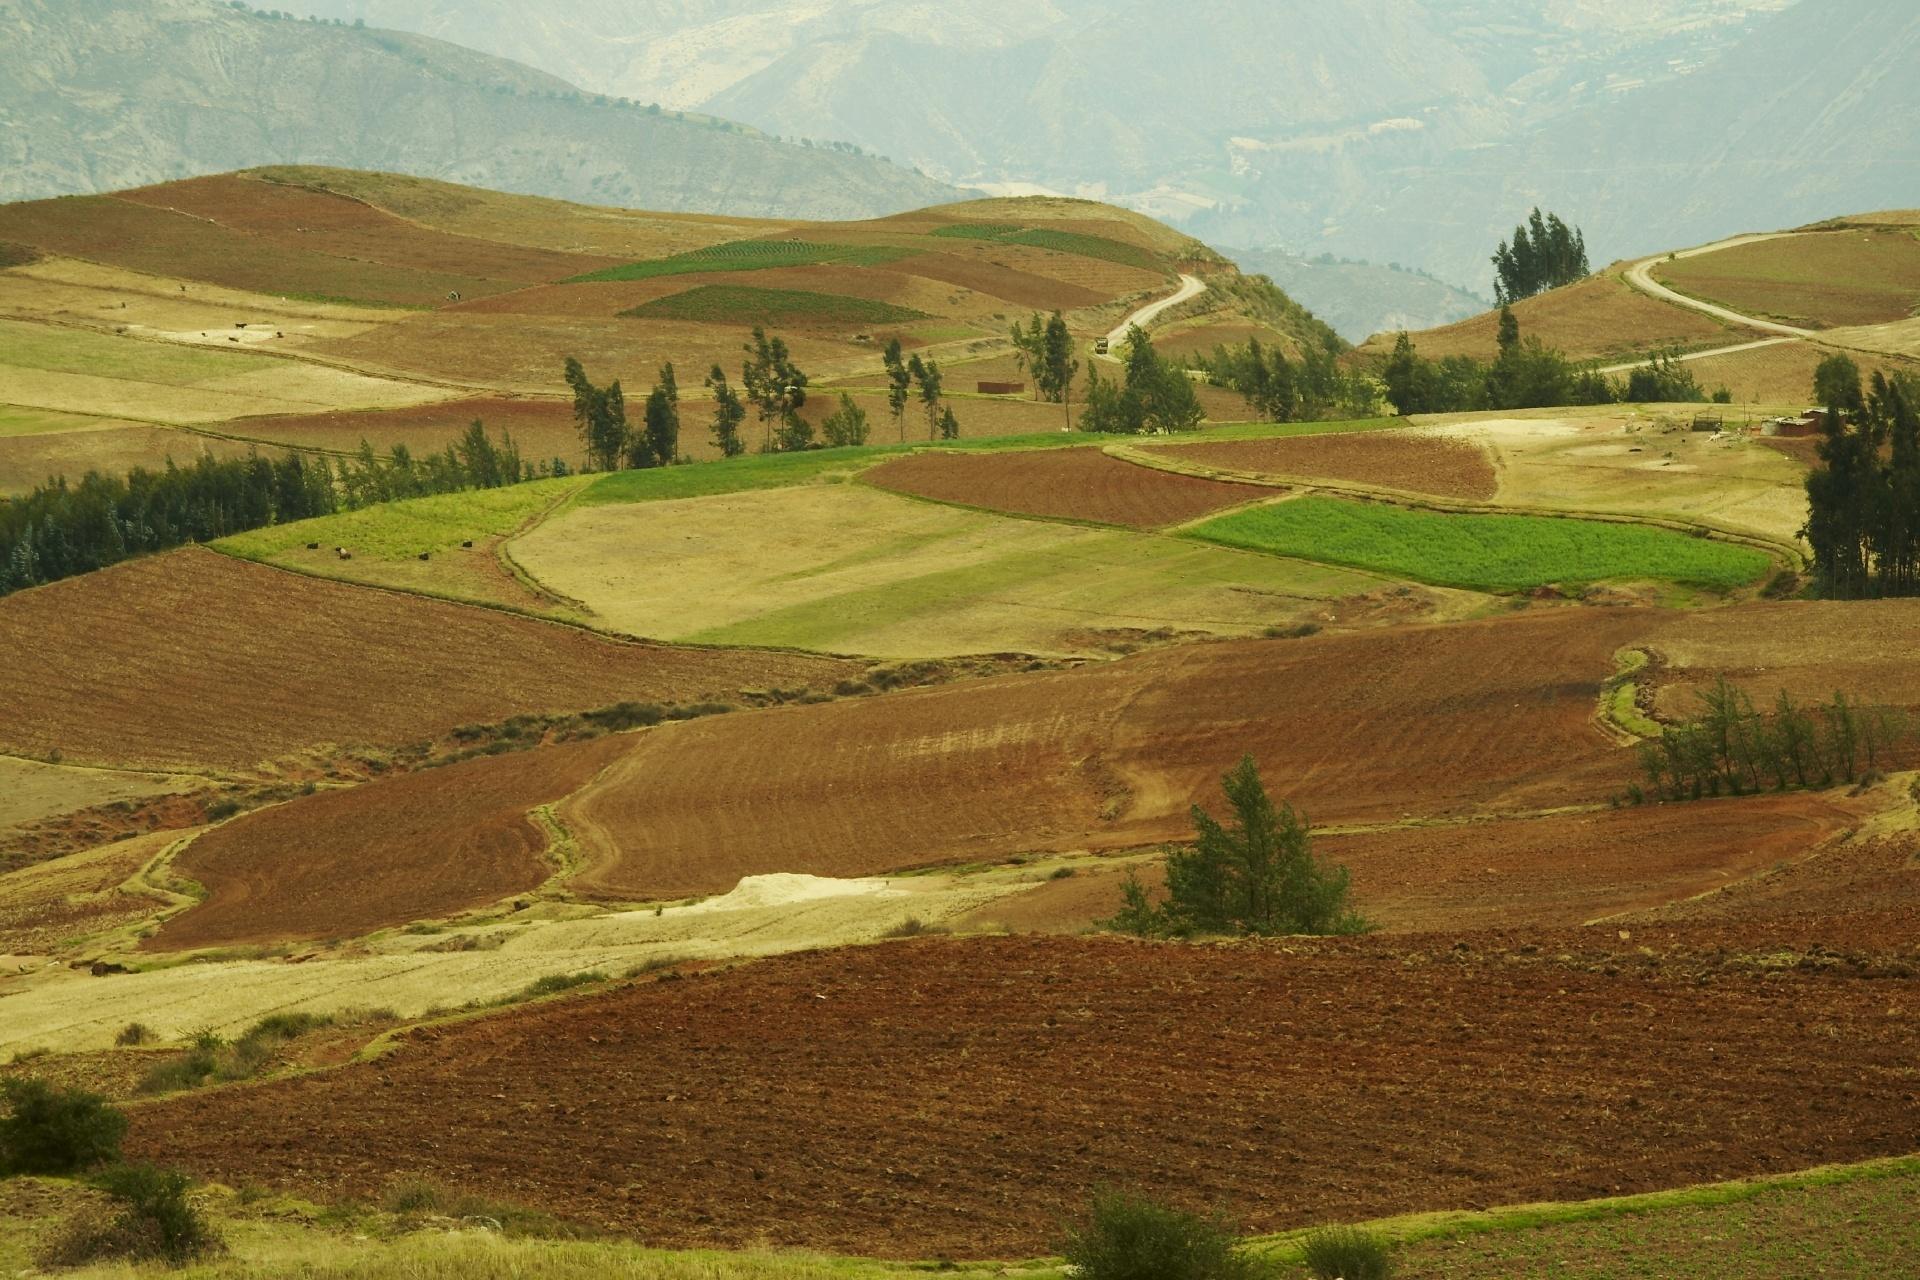 アンデスの風景 ペルーの風景